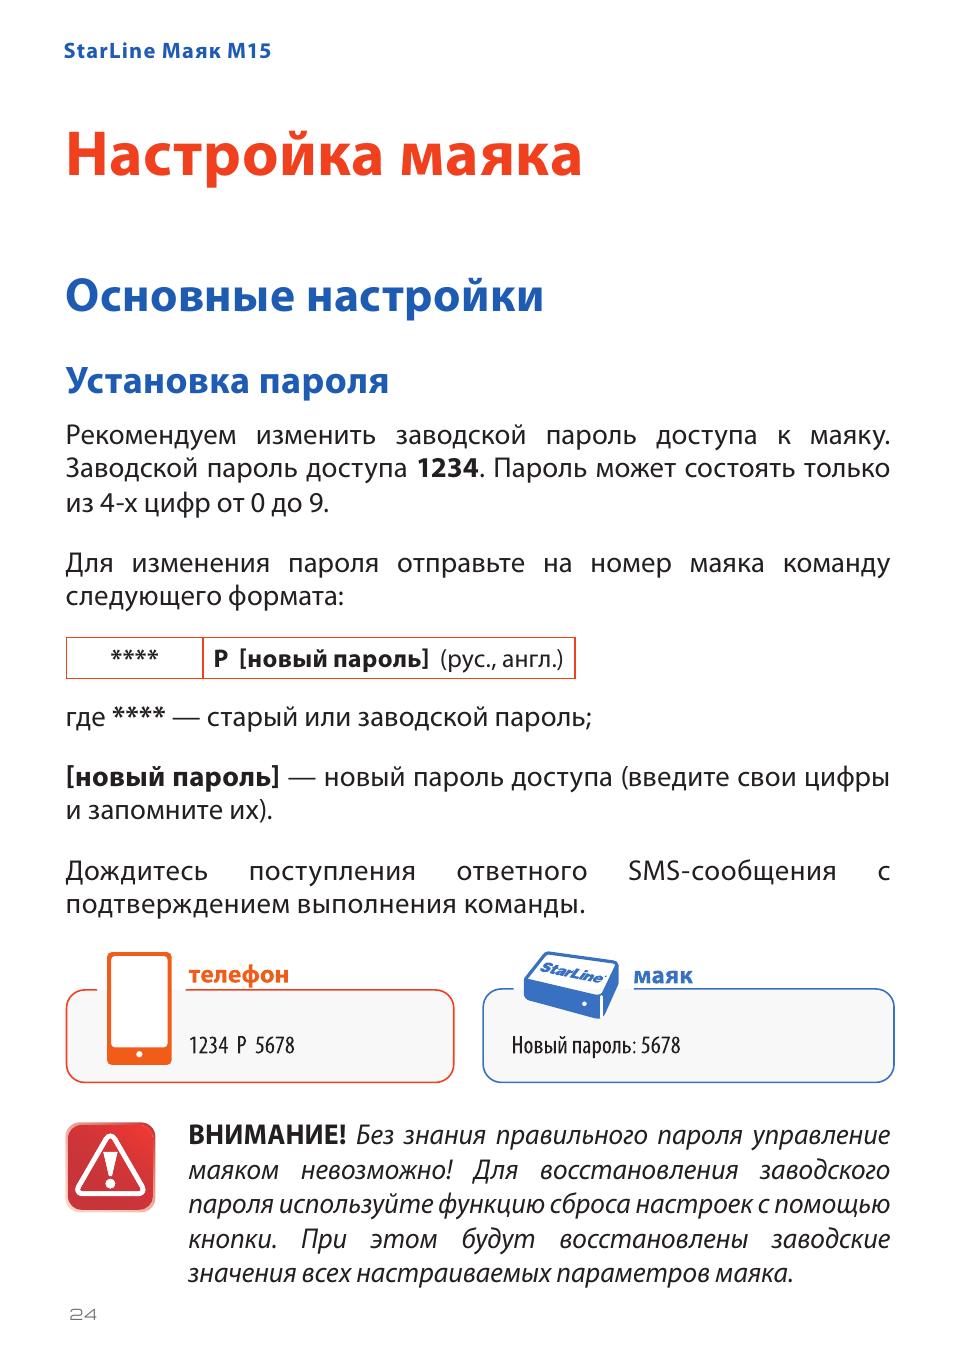 Настройка маяка, Основные настройки, Установка пароля Инструкция по эксплуатации SsangYong StarLine М15 Страница 34 / 78